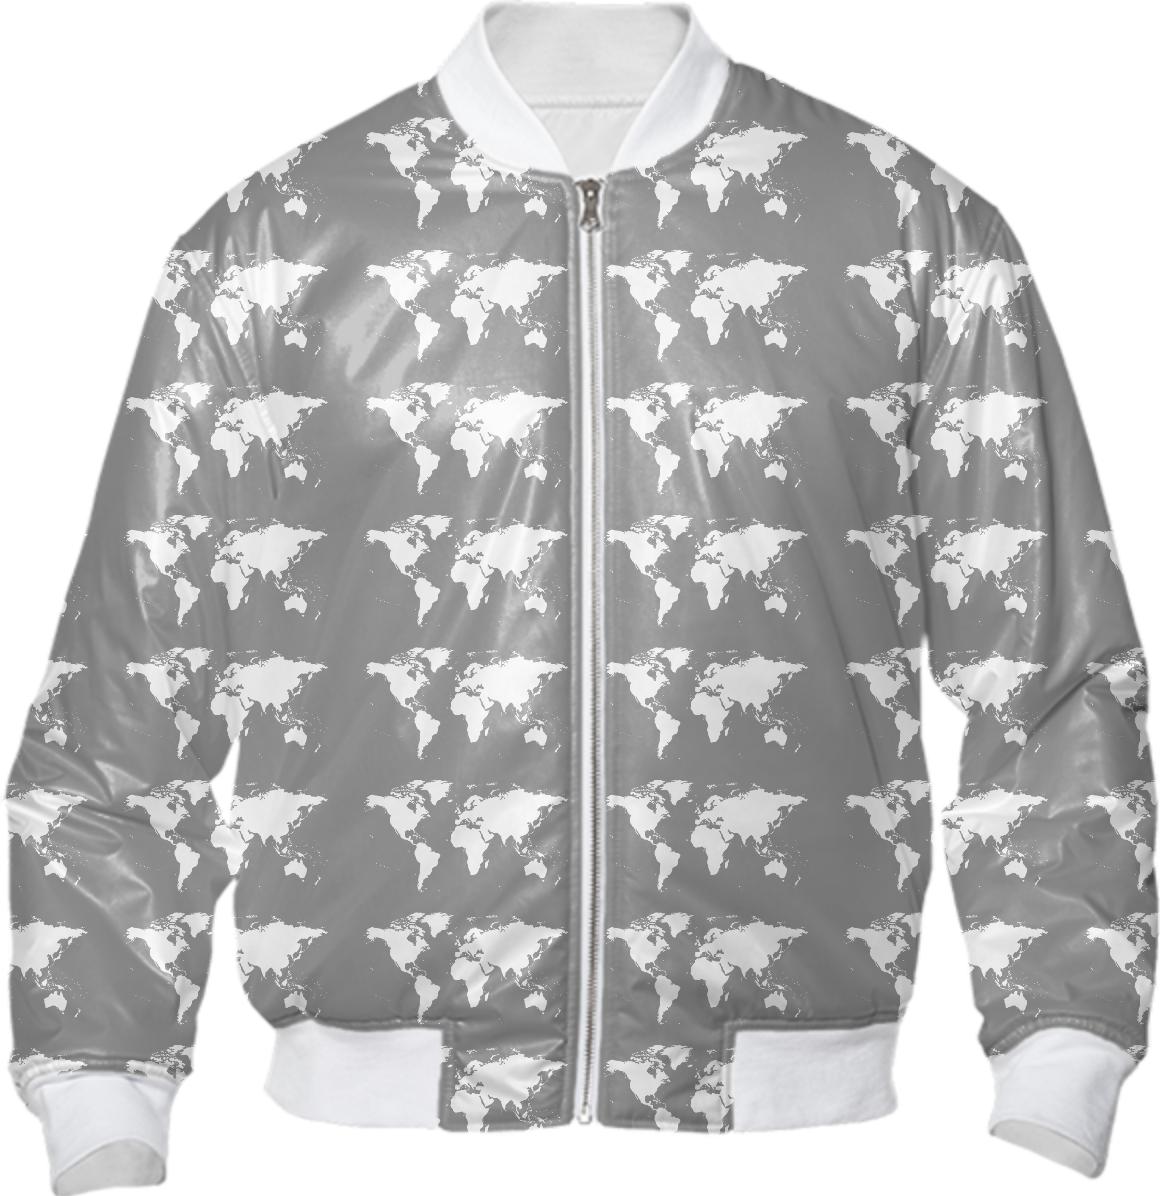 World map pattern bomber jacket bomber jacket gumiabroncs Choice Image